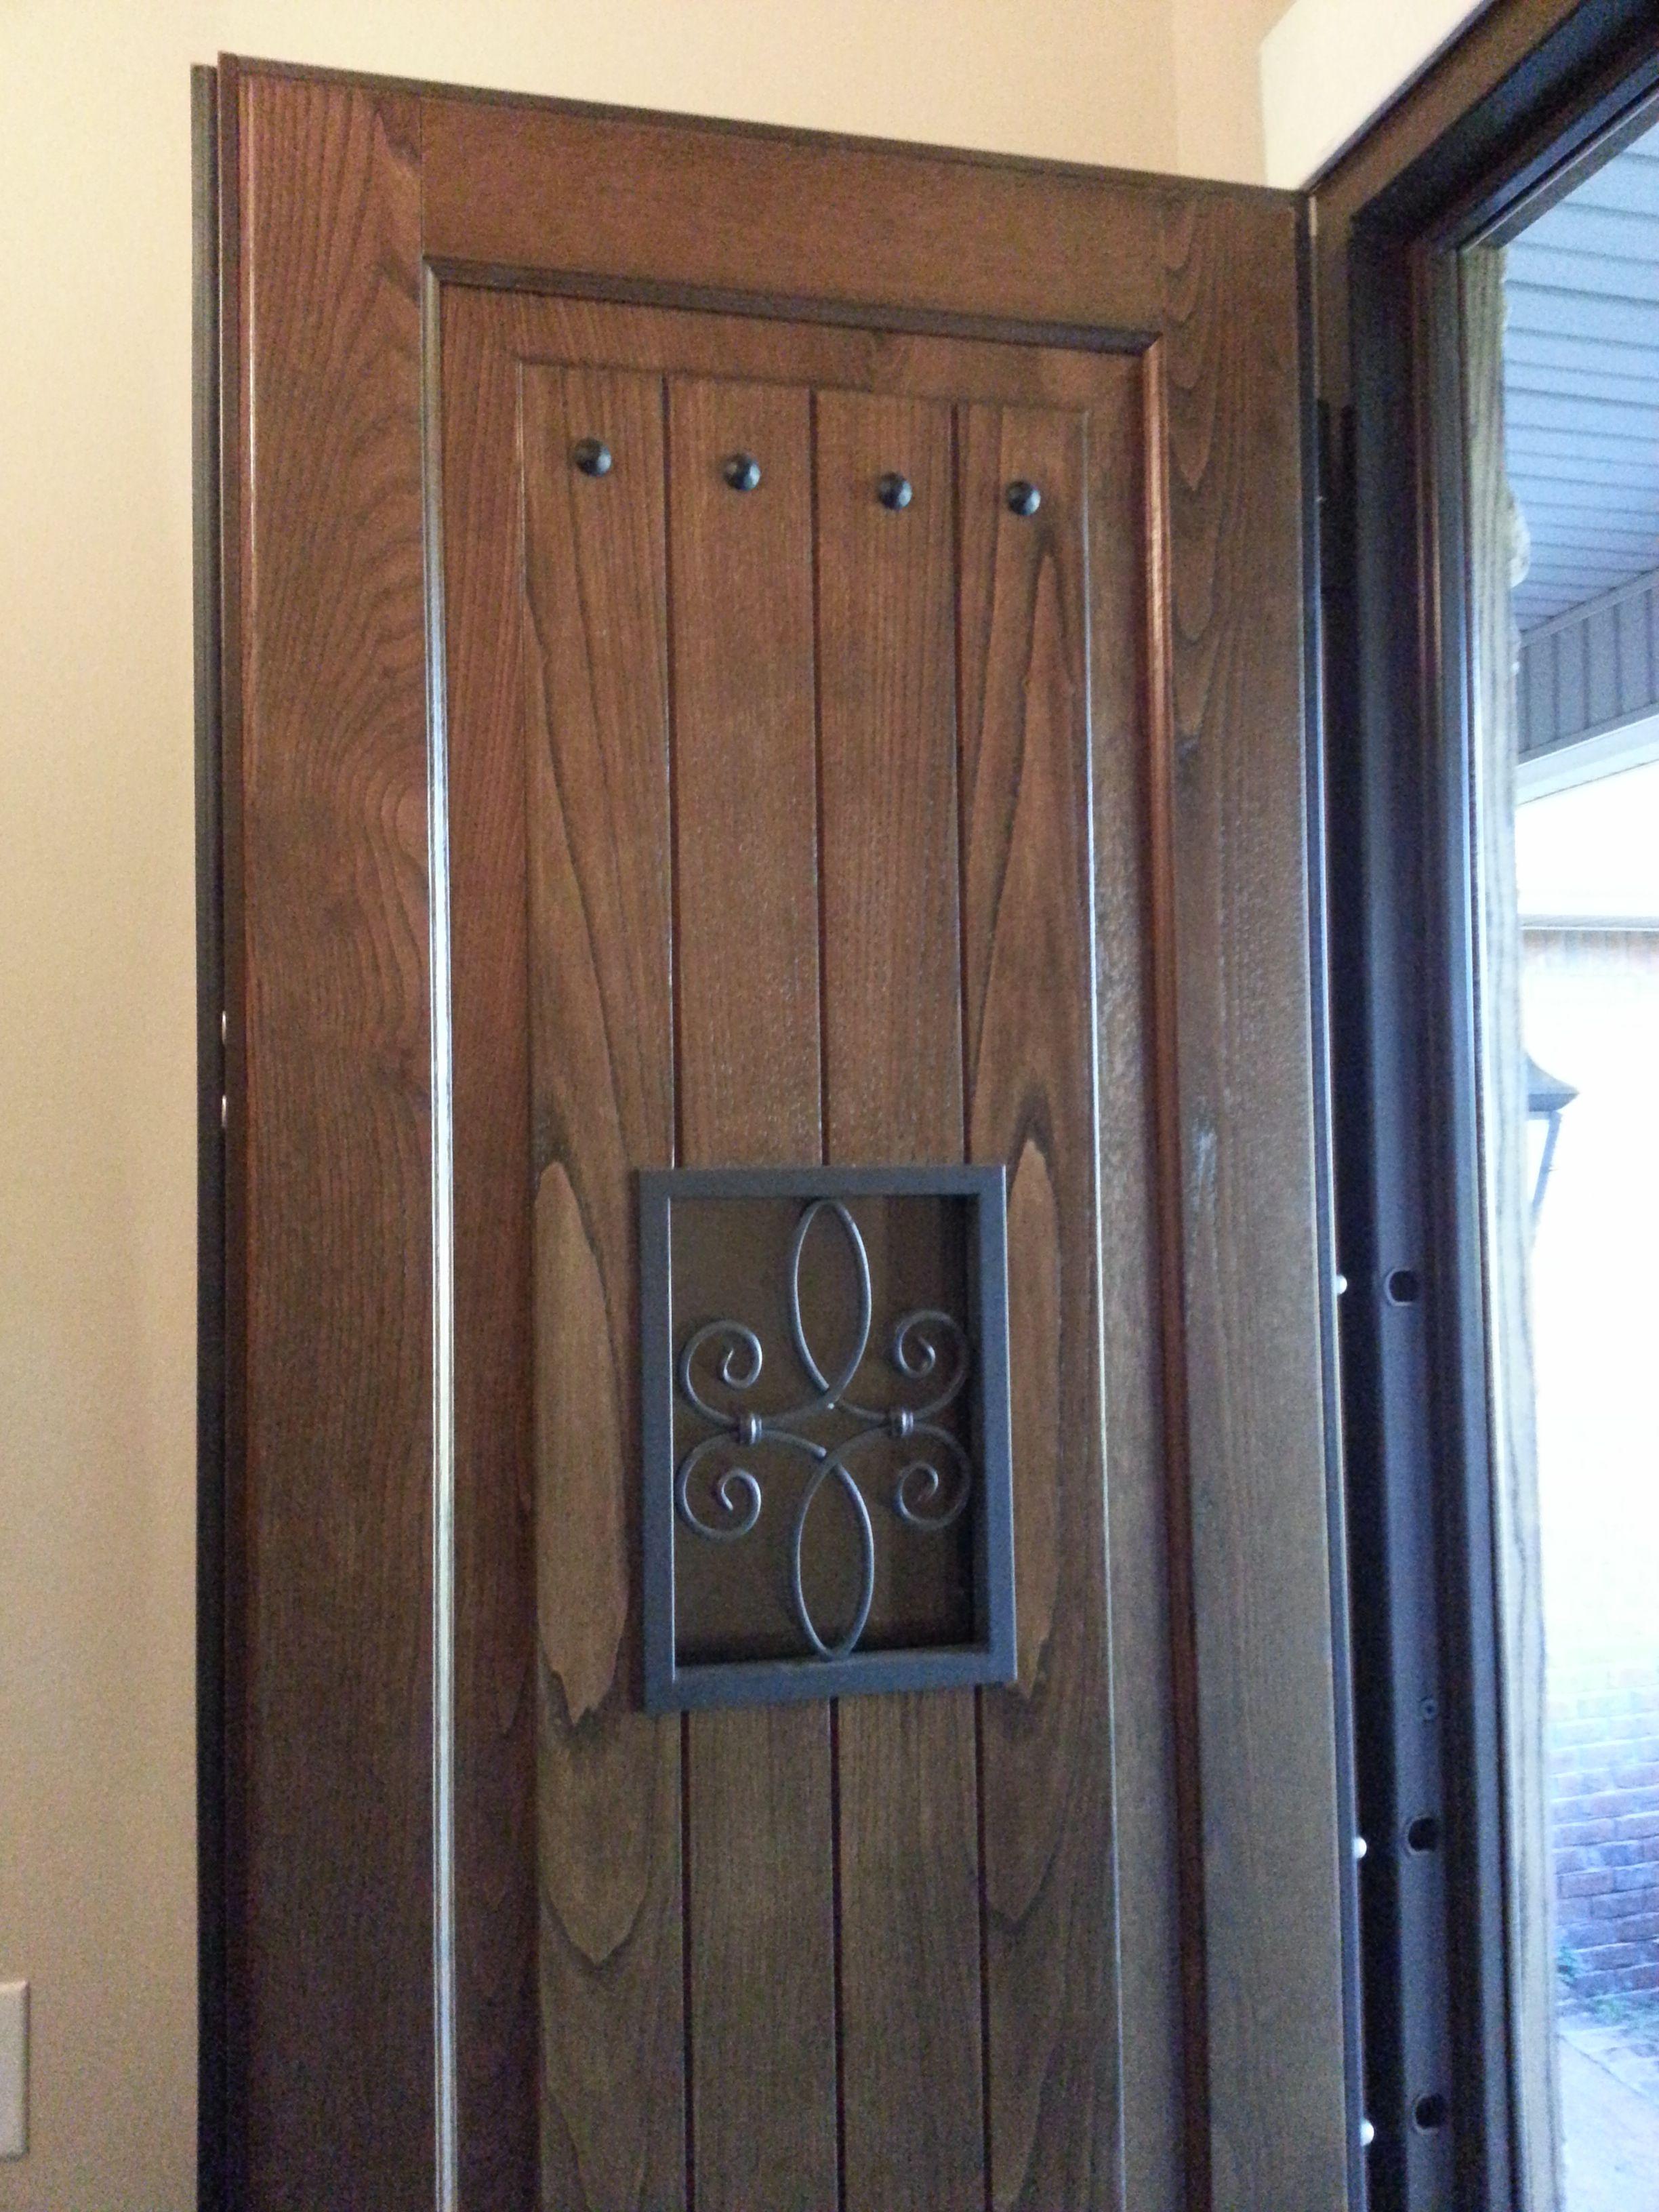 Steel Security Door Hardwood Panel Multi Point Locking System Steel Security Doors Security Door Doors